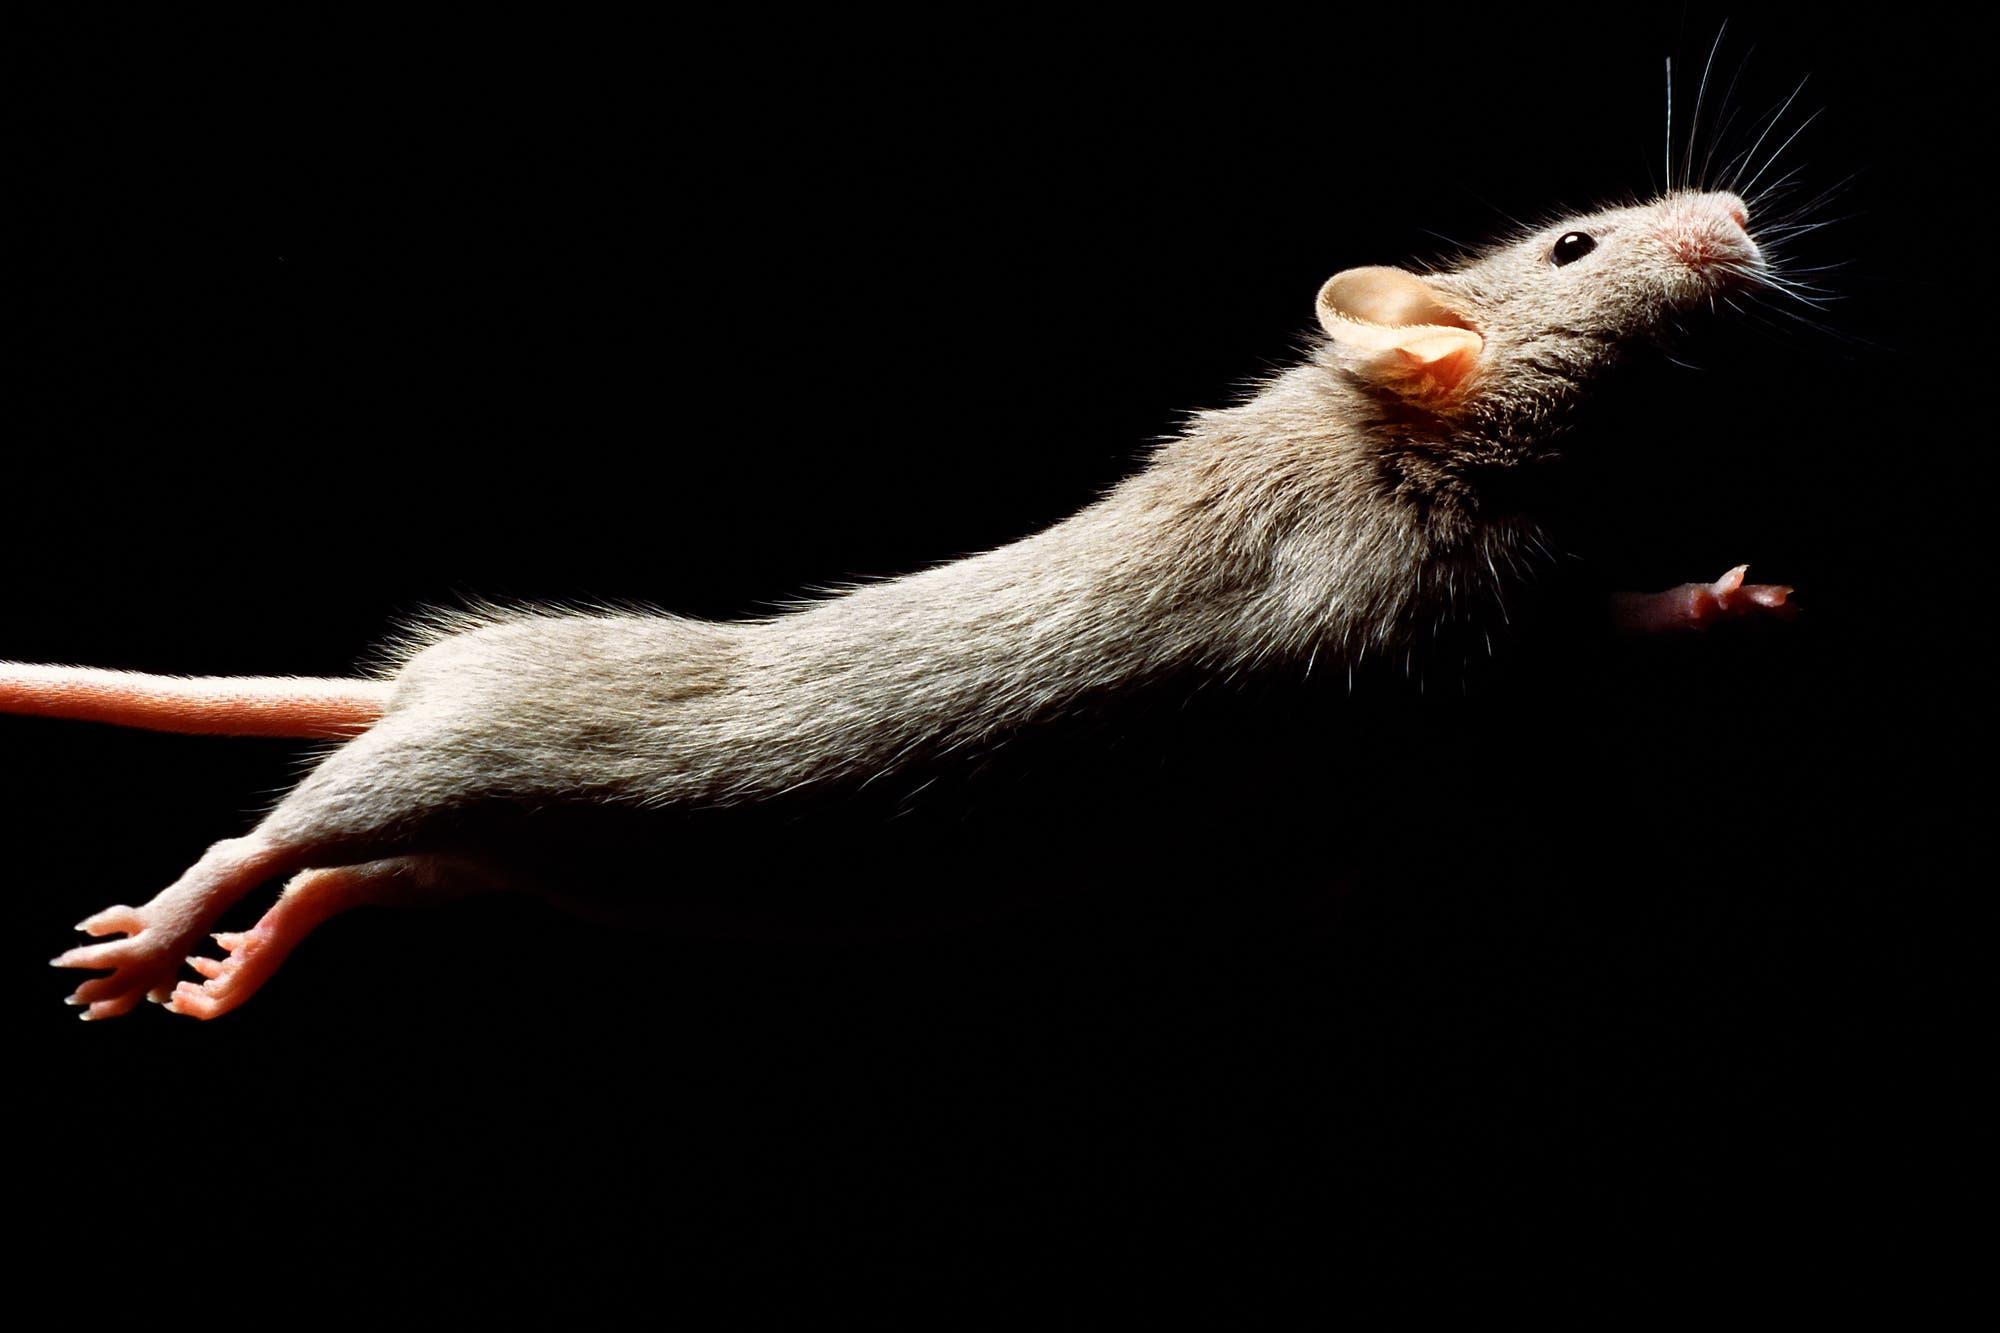 Maus im Sprung